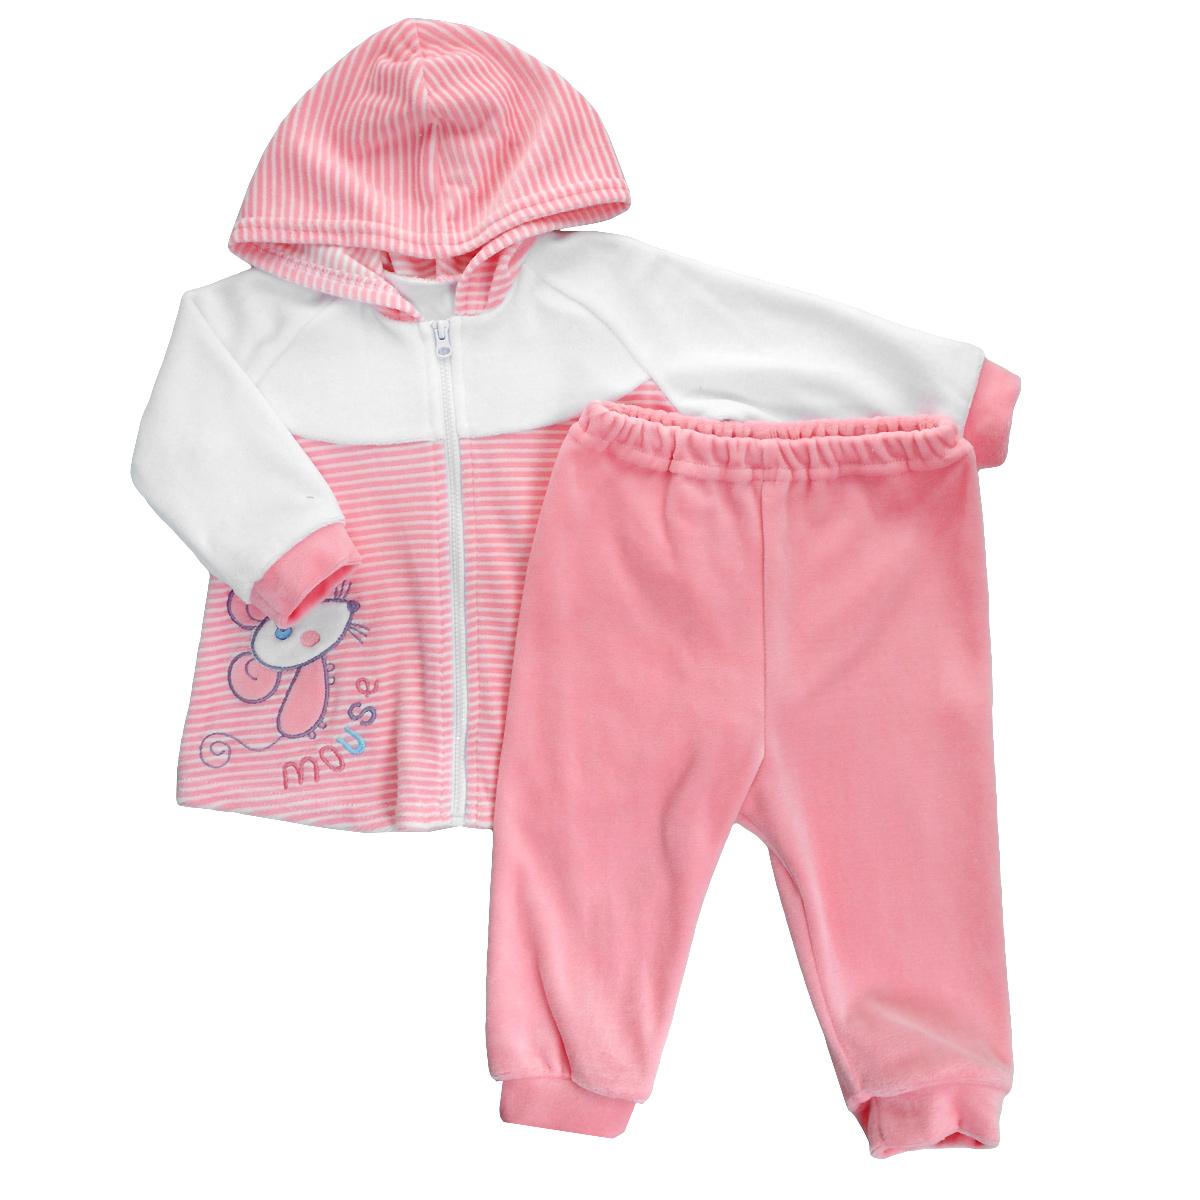 Комплект для девочки: кофточка, штанишки. 146034146034Практичный детский комплект Bell Bimbo прекрасно подойдет для вашей малышки. Комплект состоит из кофточки и штанишек, изготовленных из велюра. Он необычайно мягкий и приятный на ощупь, не сковывает движения малышки и позволяет коже дышать, не раздражает даже самую нежную и чувствительную кожу ребенка, обеспечивая ему наибольший комфорт. Кофточка трапециевидного кроя с капюшоном и длинными рукавами-реглан застегивается на пластиковую застежку-молнию, которая позволяет без труда переодеть ребенка. Спереди она оформлена оригинальной аппликацией-нашивкой в виде мышонка. Рукава понизу дополнены широкими манжетами. Детские штанишки прямого покроя очень удобные, с мягкой эластичной резинкой на талии, не сдавливают животик ребенка и не сползают. Понизу они дополнены широкими манжетами. Штанишки прекрасно сохраняют тепло и отлично сочетаются с футболками и кофточками. Комплект полностью соответствуют особенностям жизни малышки в ранний период, не стесняя и не ограничивая...